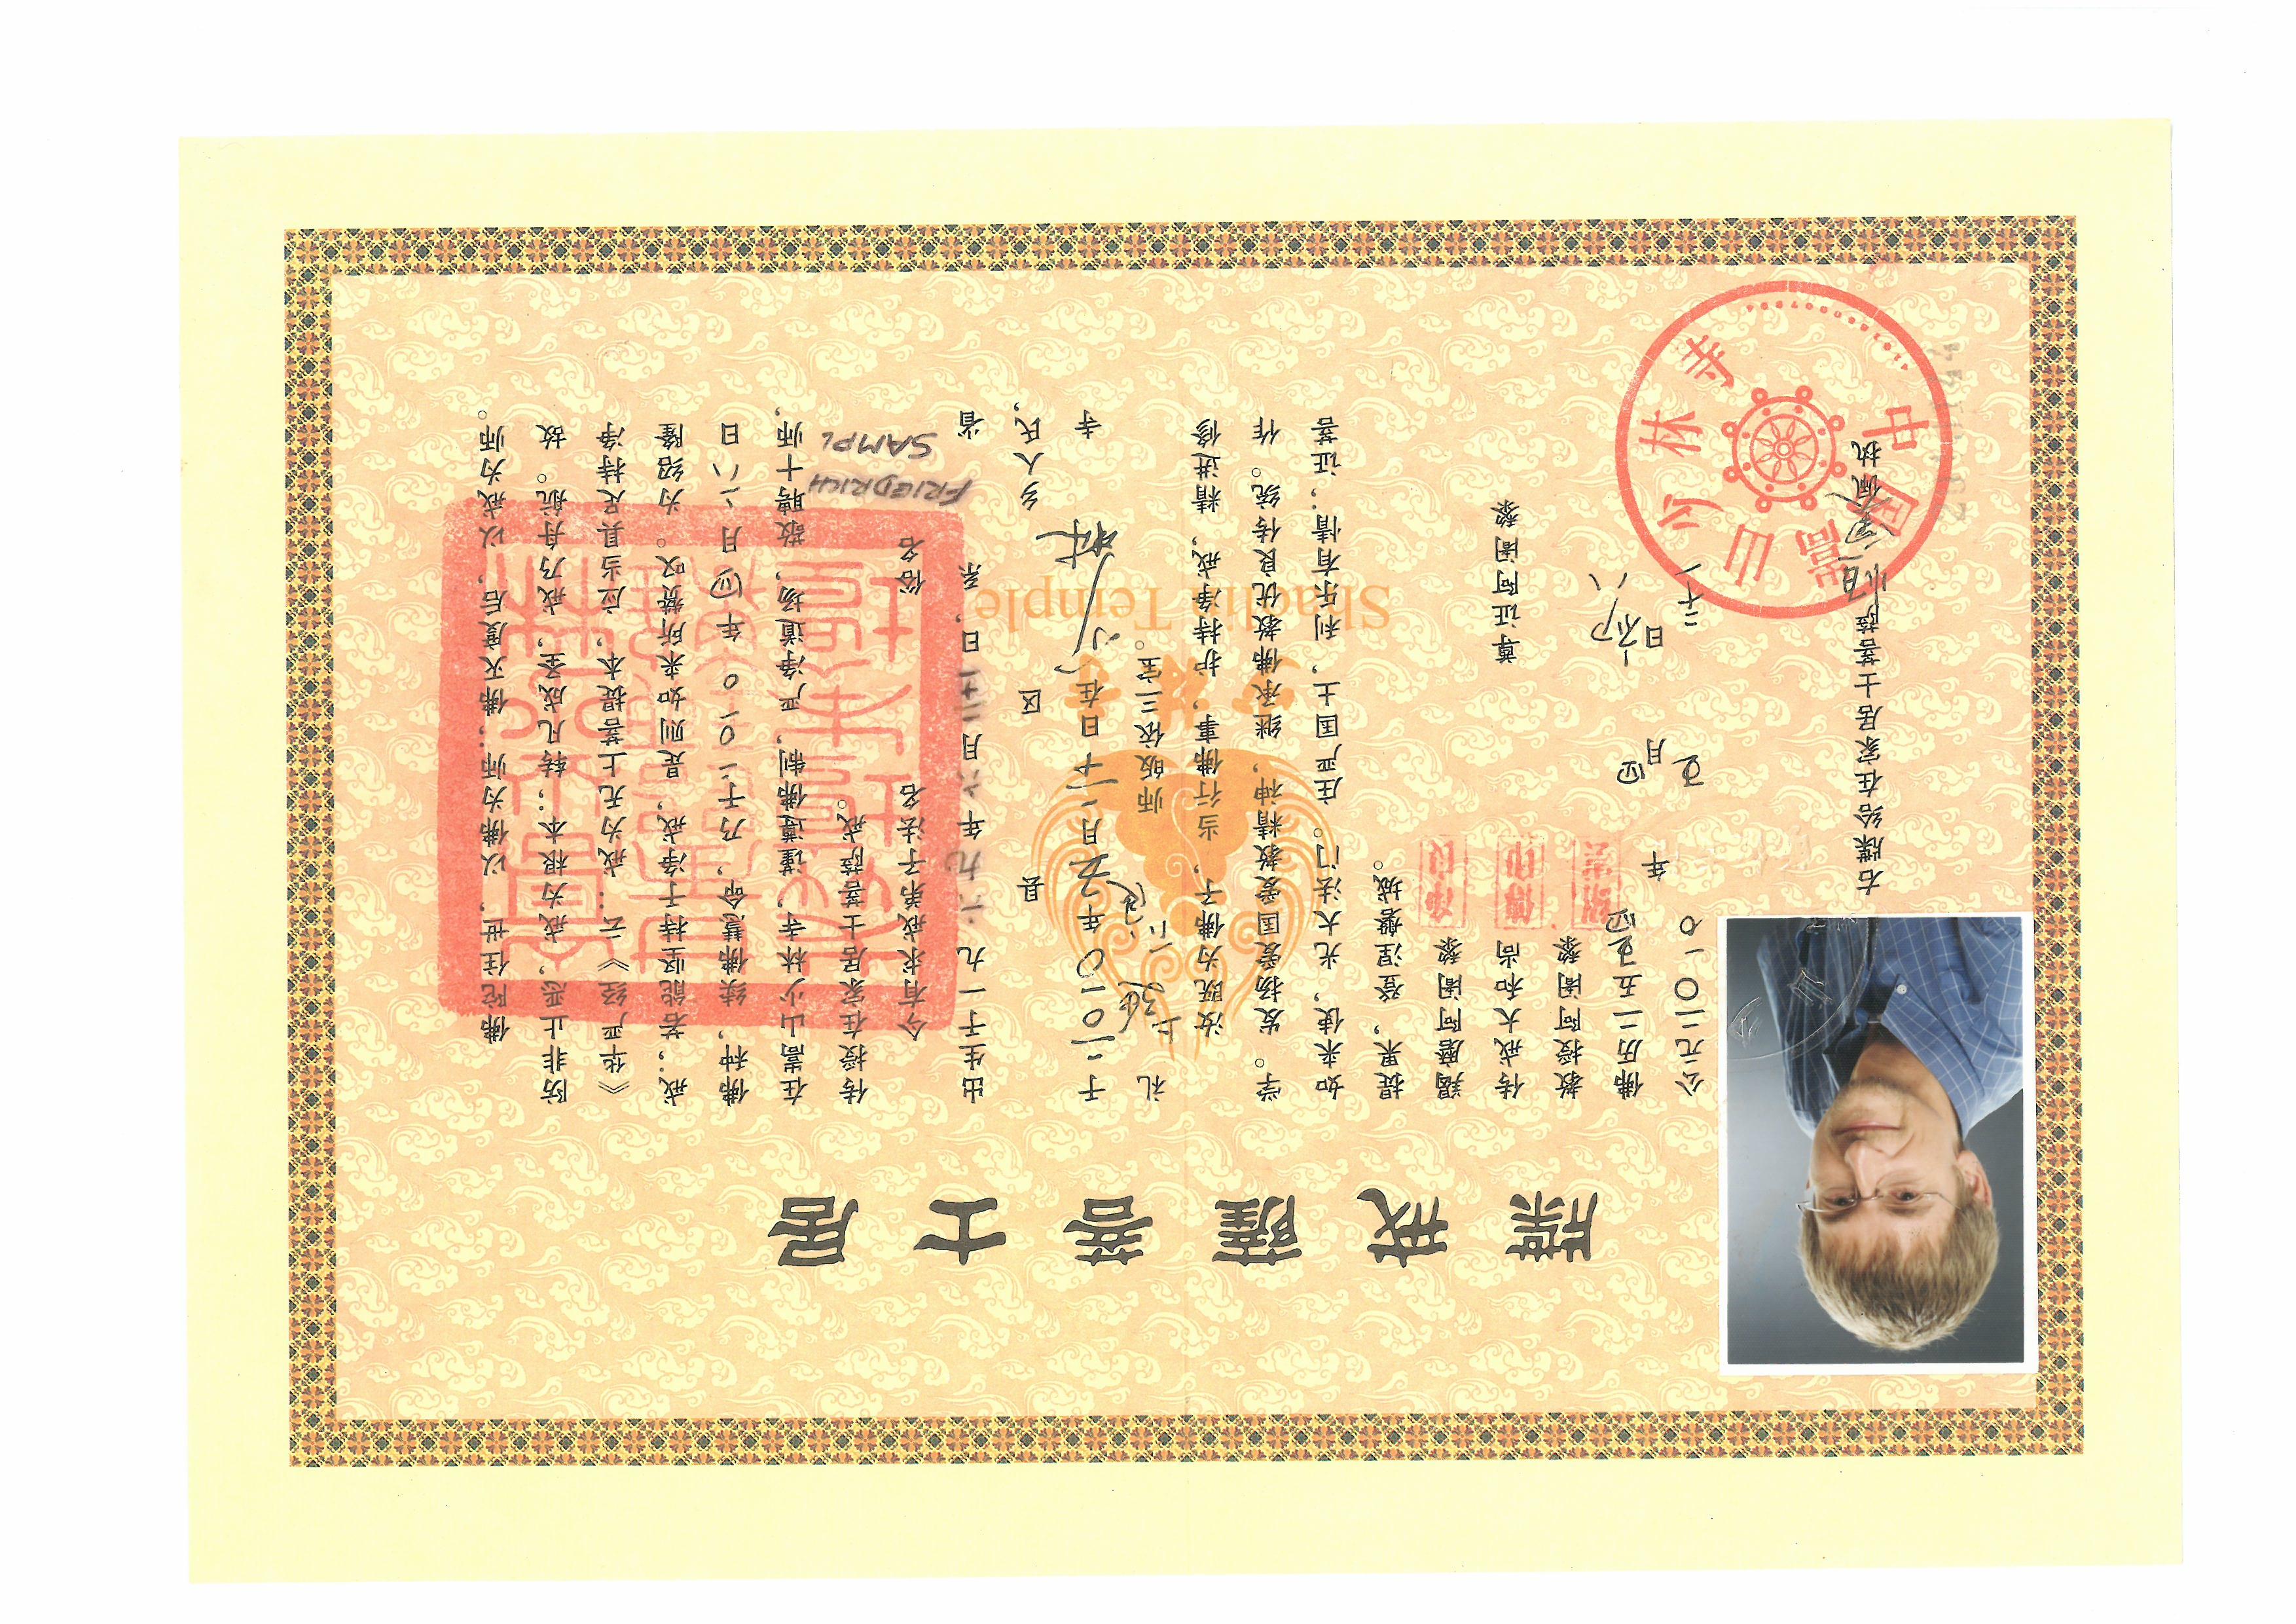 Offizielles Zertifikat zur Auszeichnung eines Shaolin-Mönchs vom Shaolin-Tempel in China. Fritz Sampl der GRAWE Kundenberater ist neben seiner Tätigkeit als GRAWE Kundenberater auch Shaolin-Mönch. Gelbes Blatt Papier mit chinesischen Zeichen.